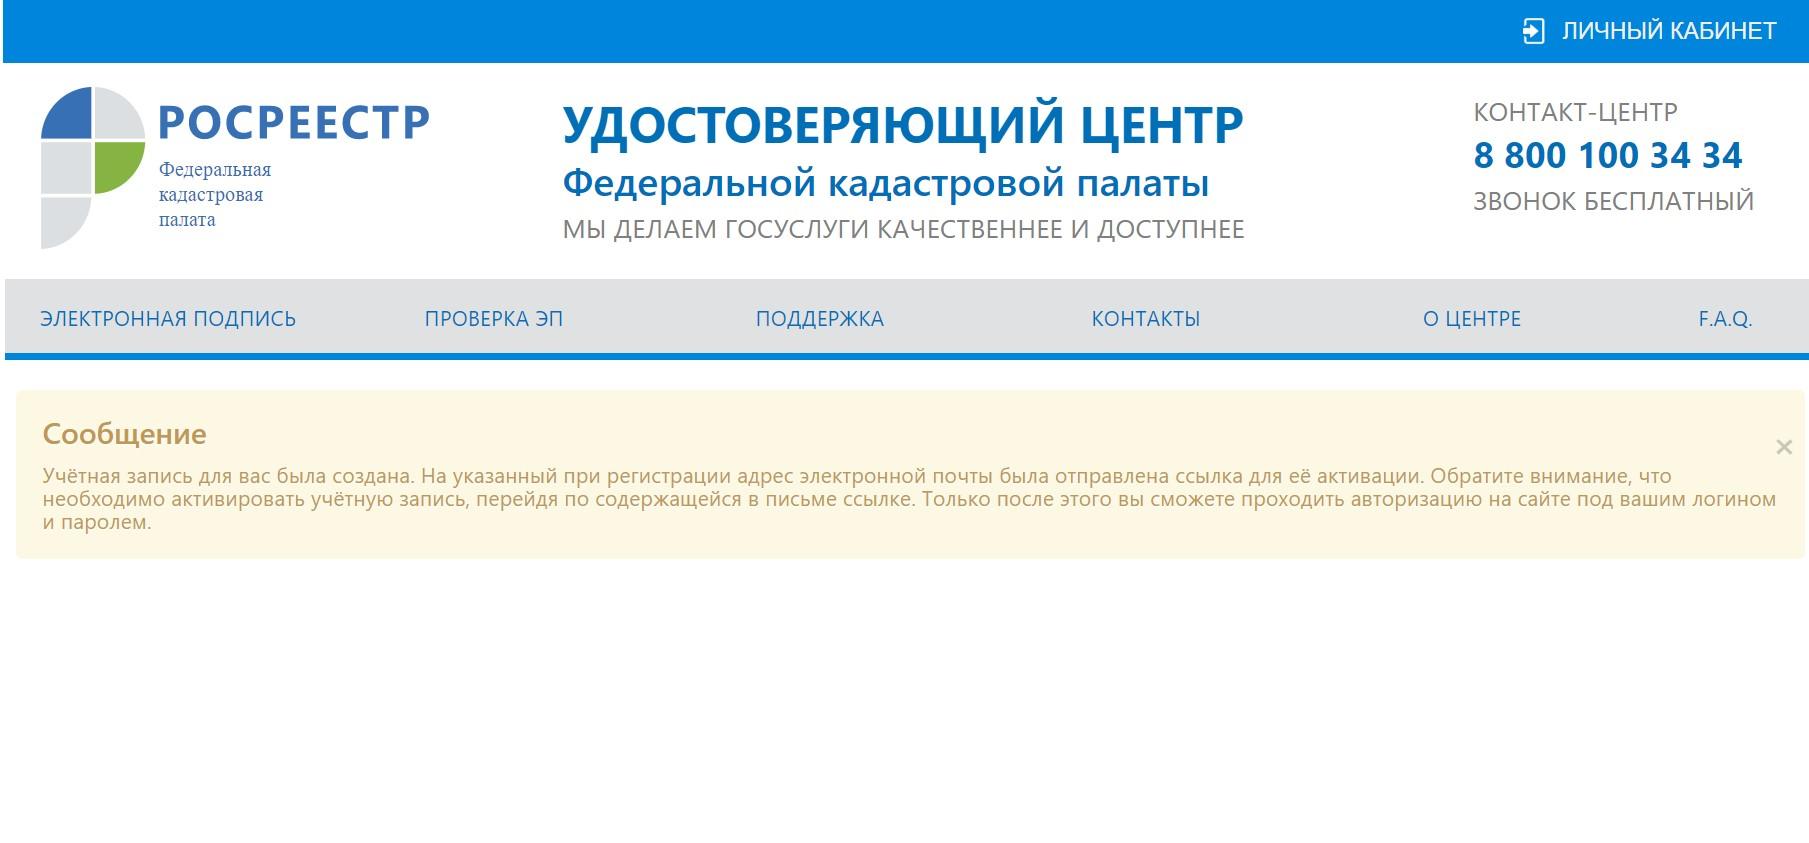 Регистрация аккаунта в федеральной кадастровой палате